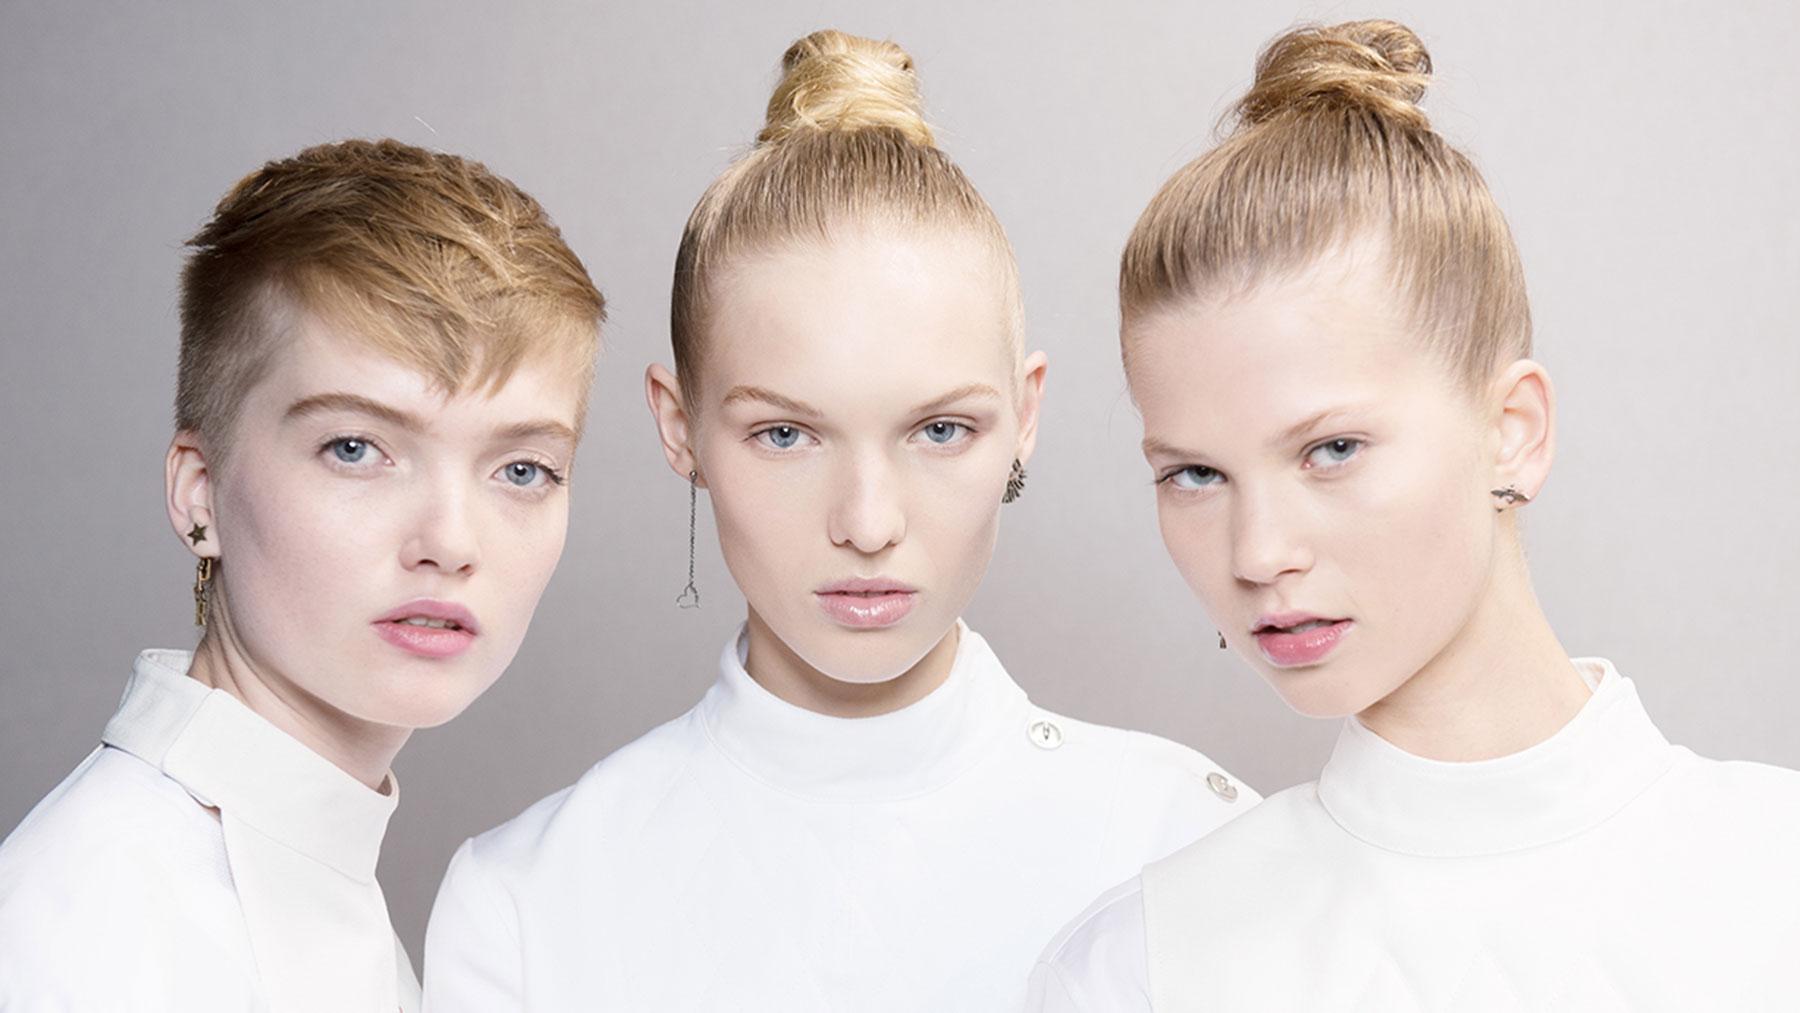 dior-makeup-spring-2017-models